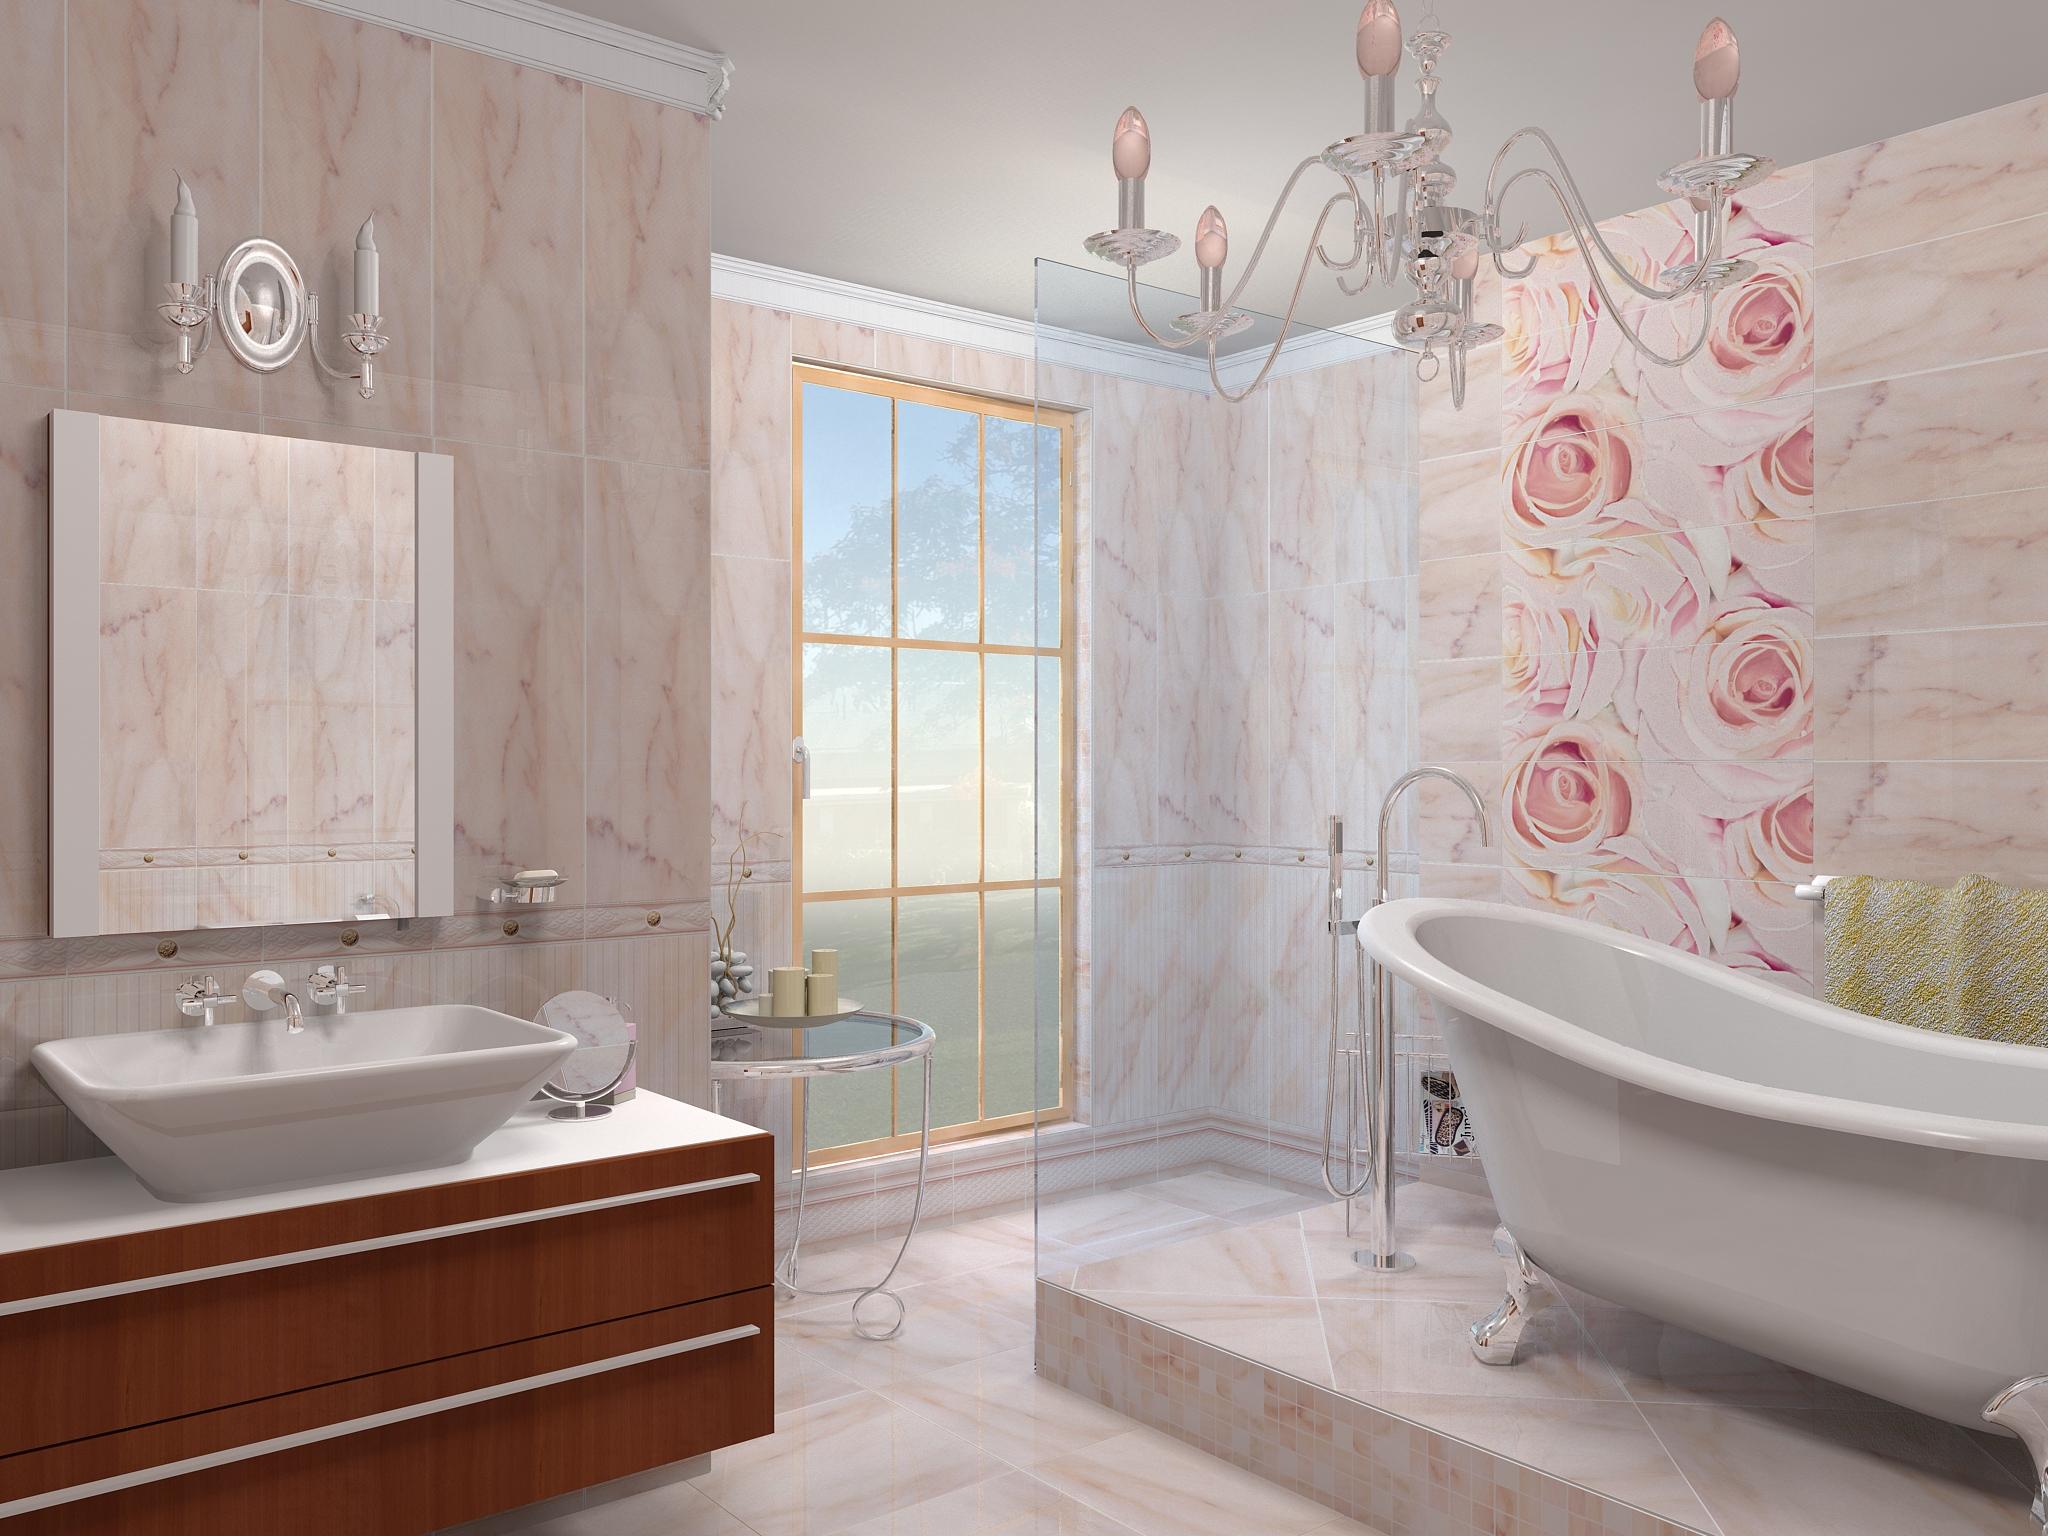 необычная керамическая плитка в интерьере ванной в стиле печворк в темных тонах